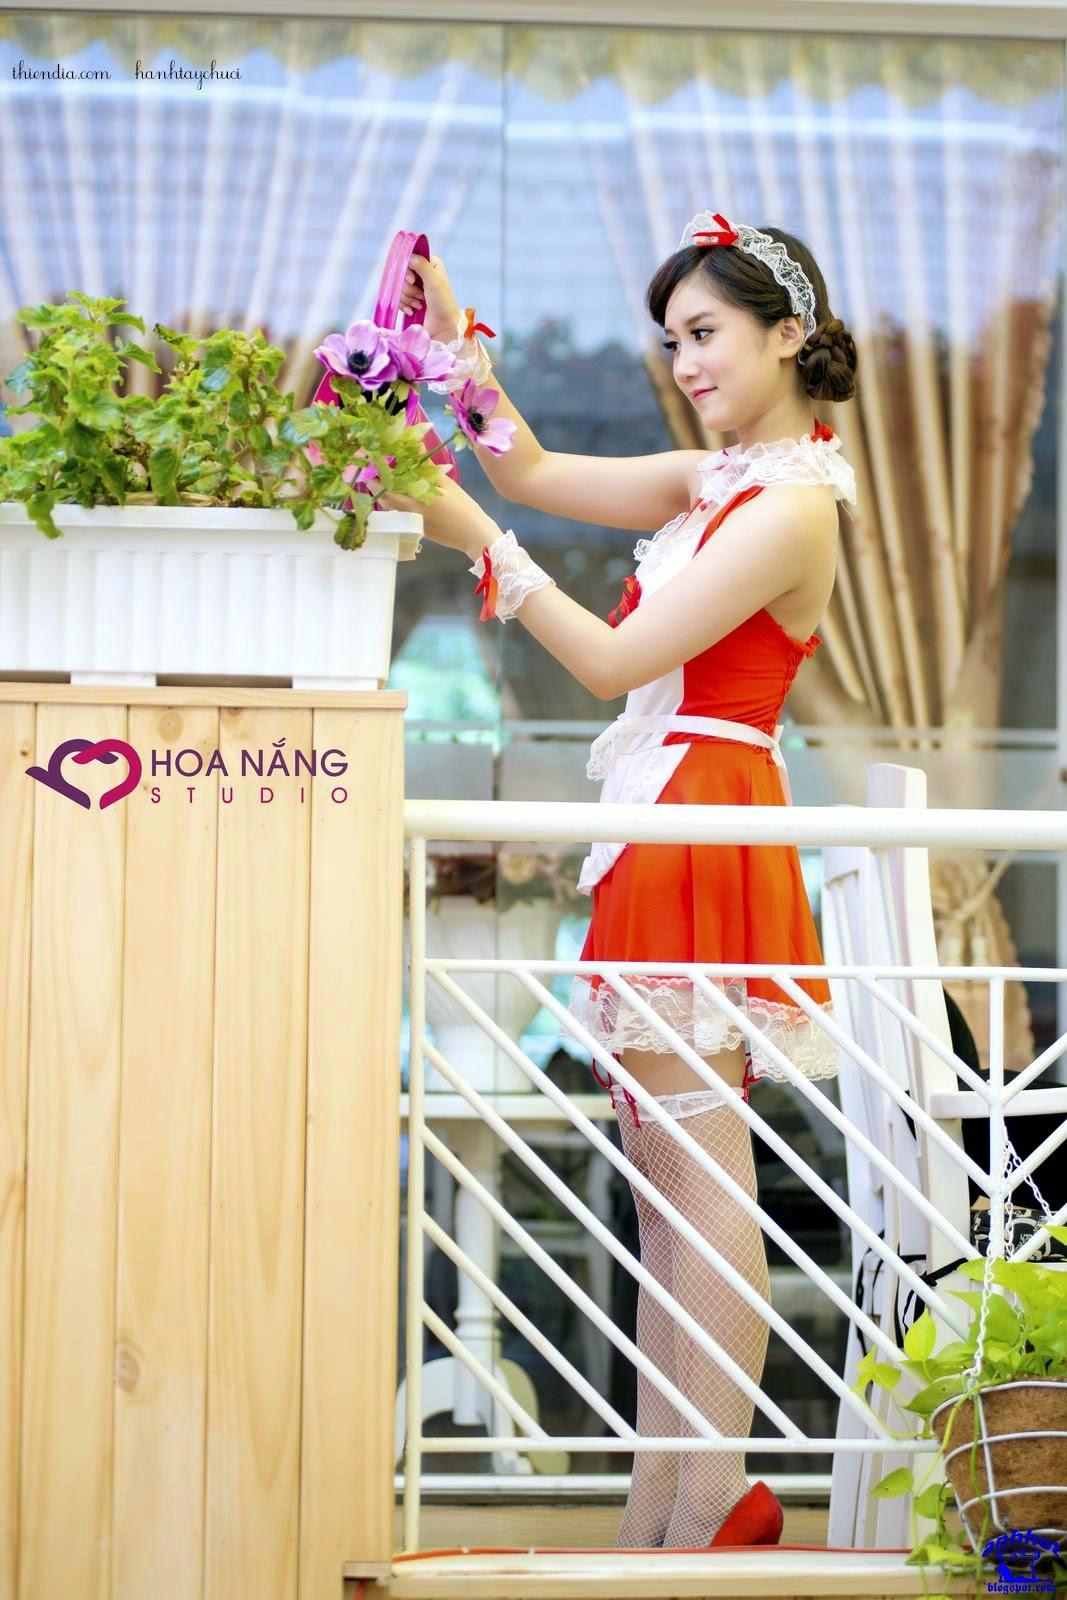 hau_ban_cute_8885525812_23b5b6c61a